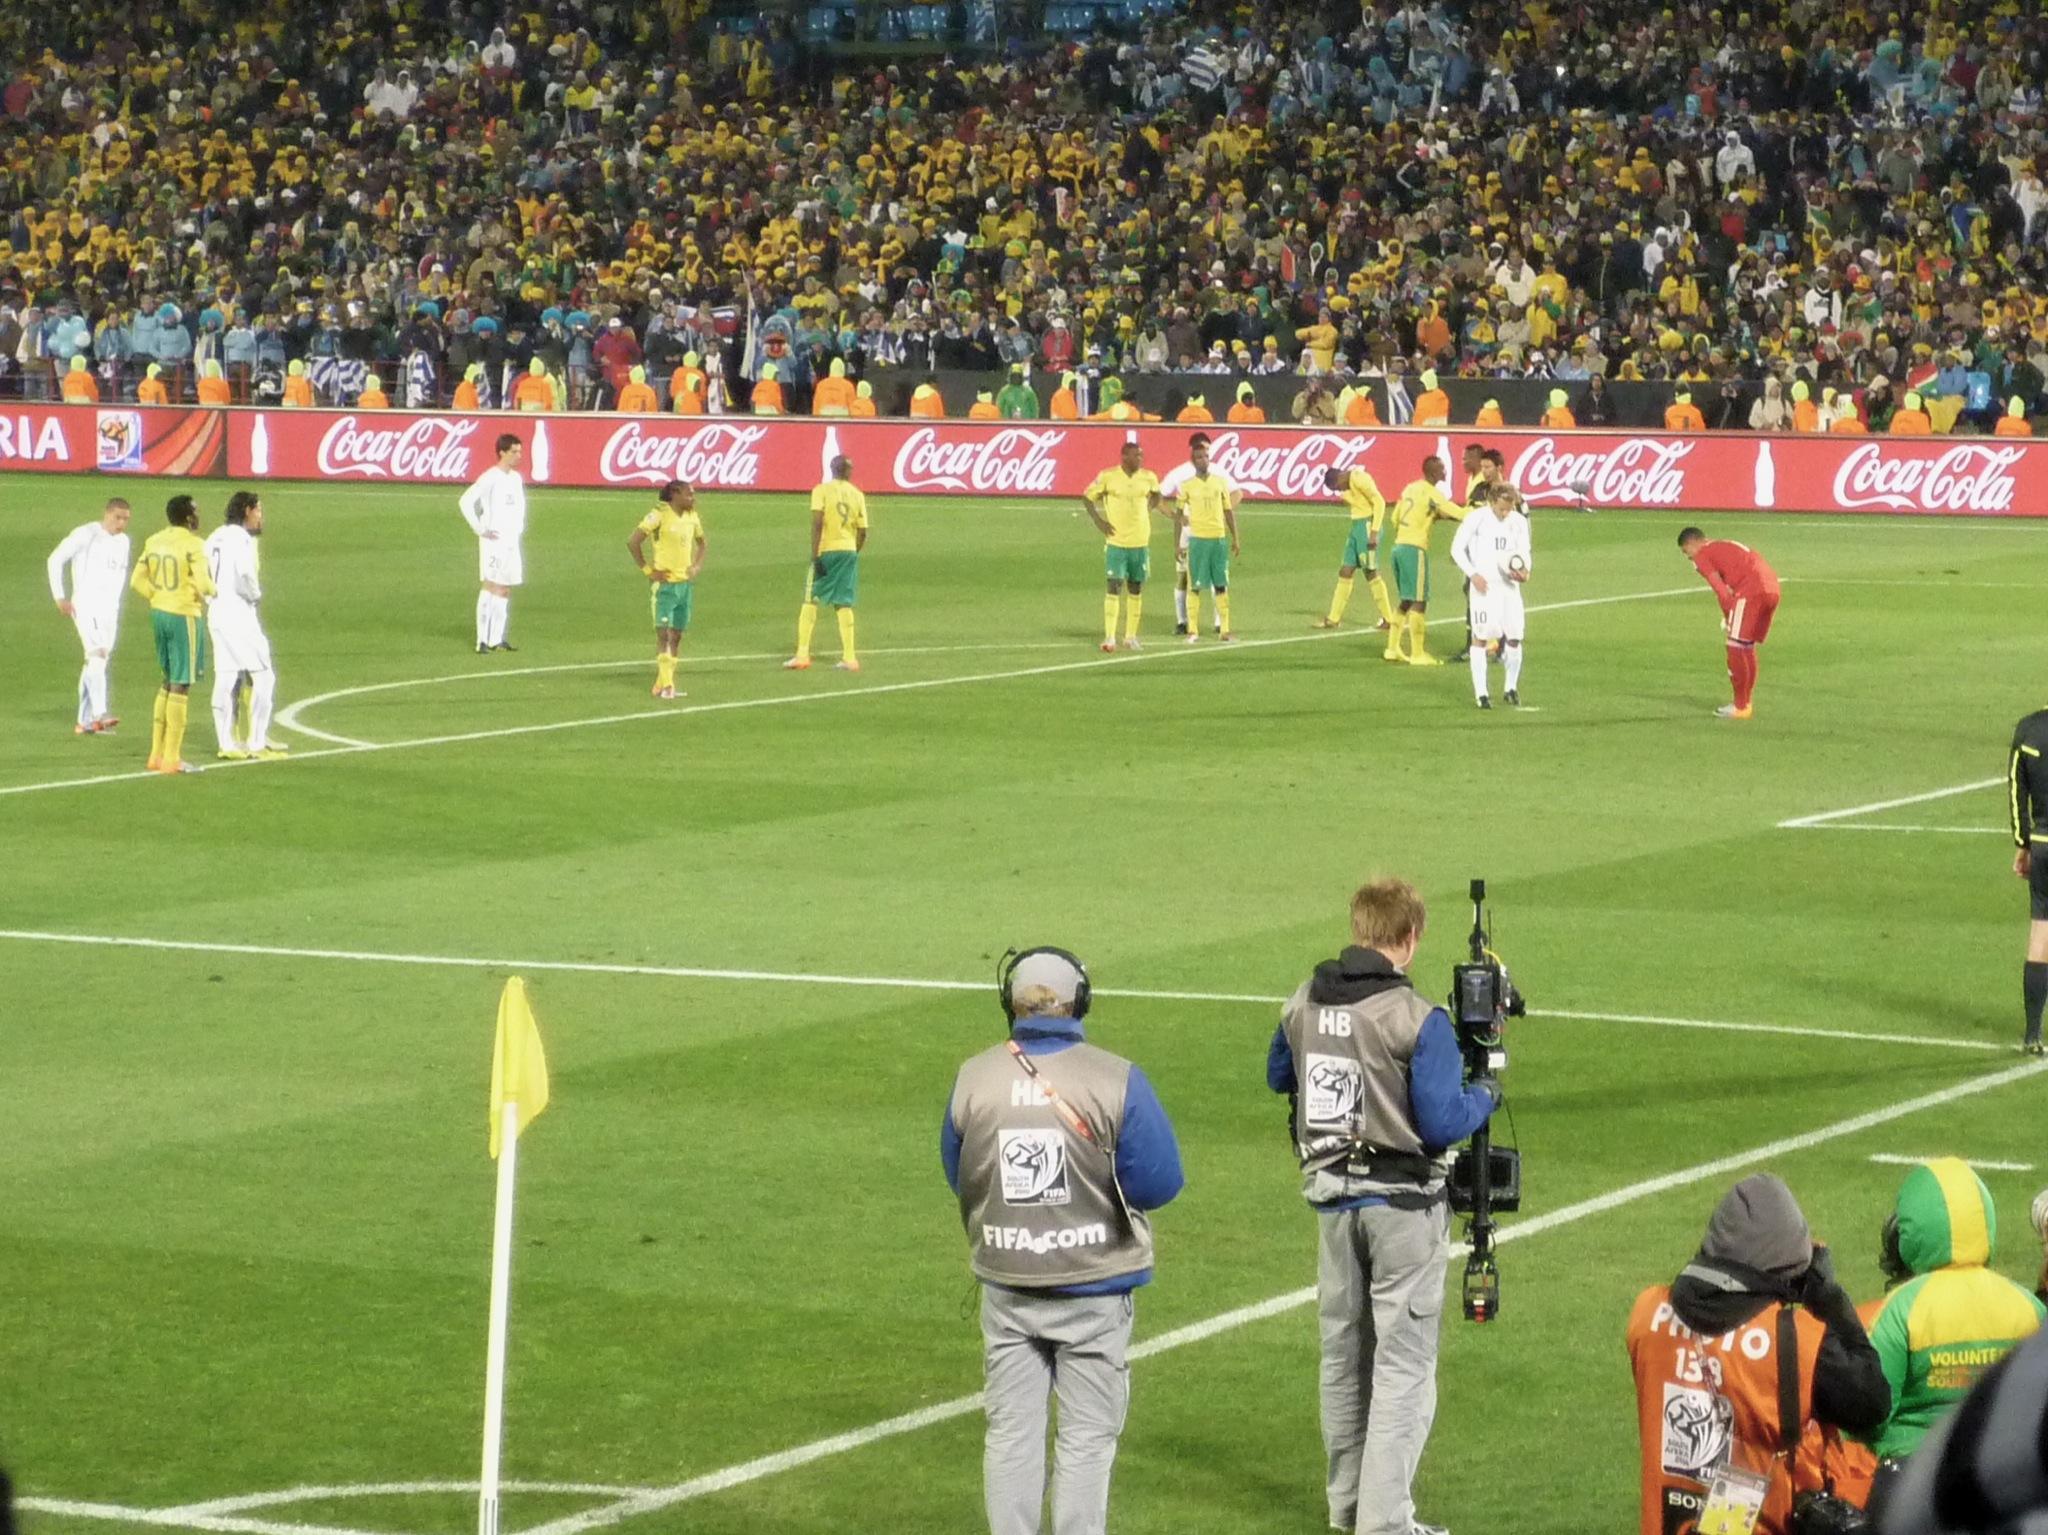 Sydafrika vs Uruguay, VM 2010; foto: Patrick de Laive